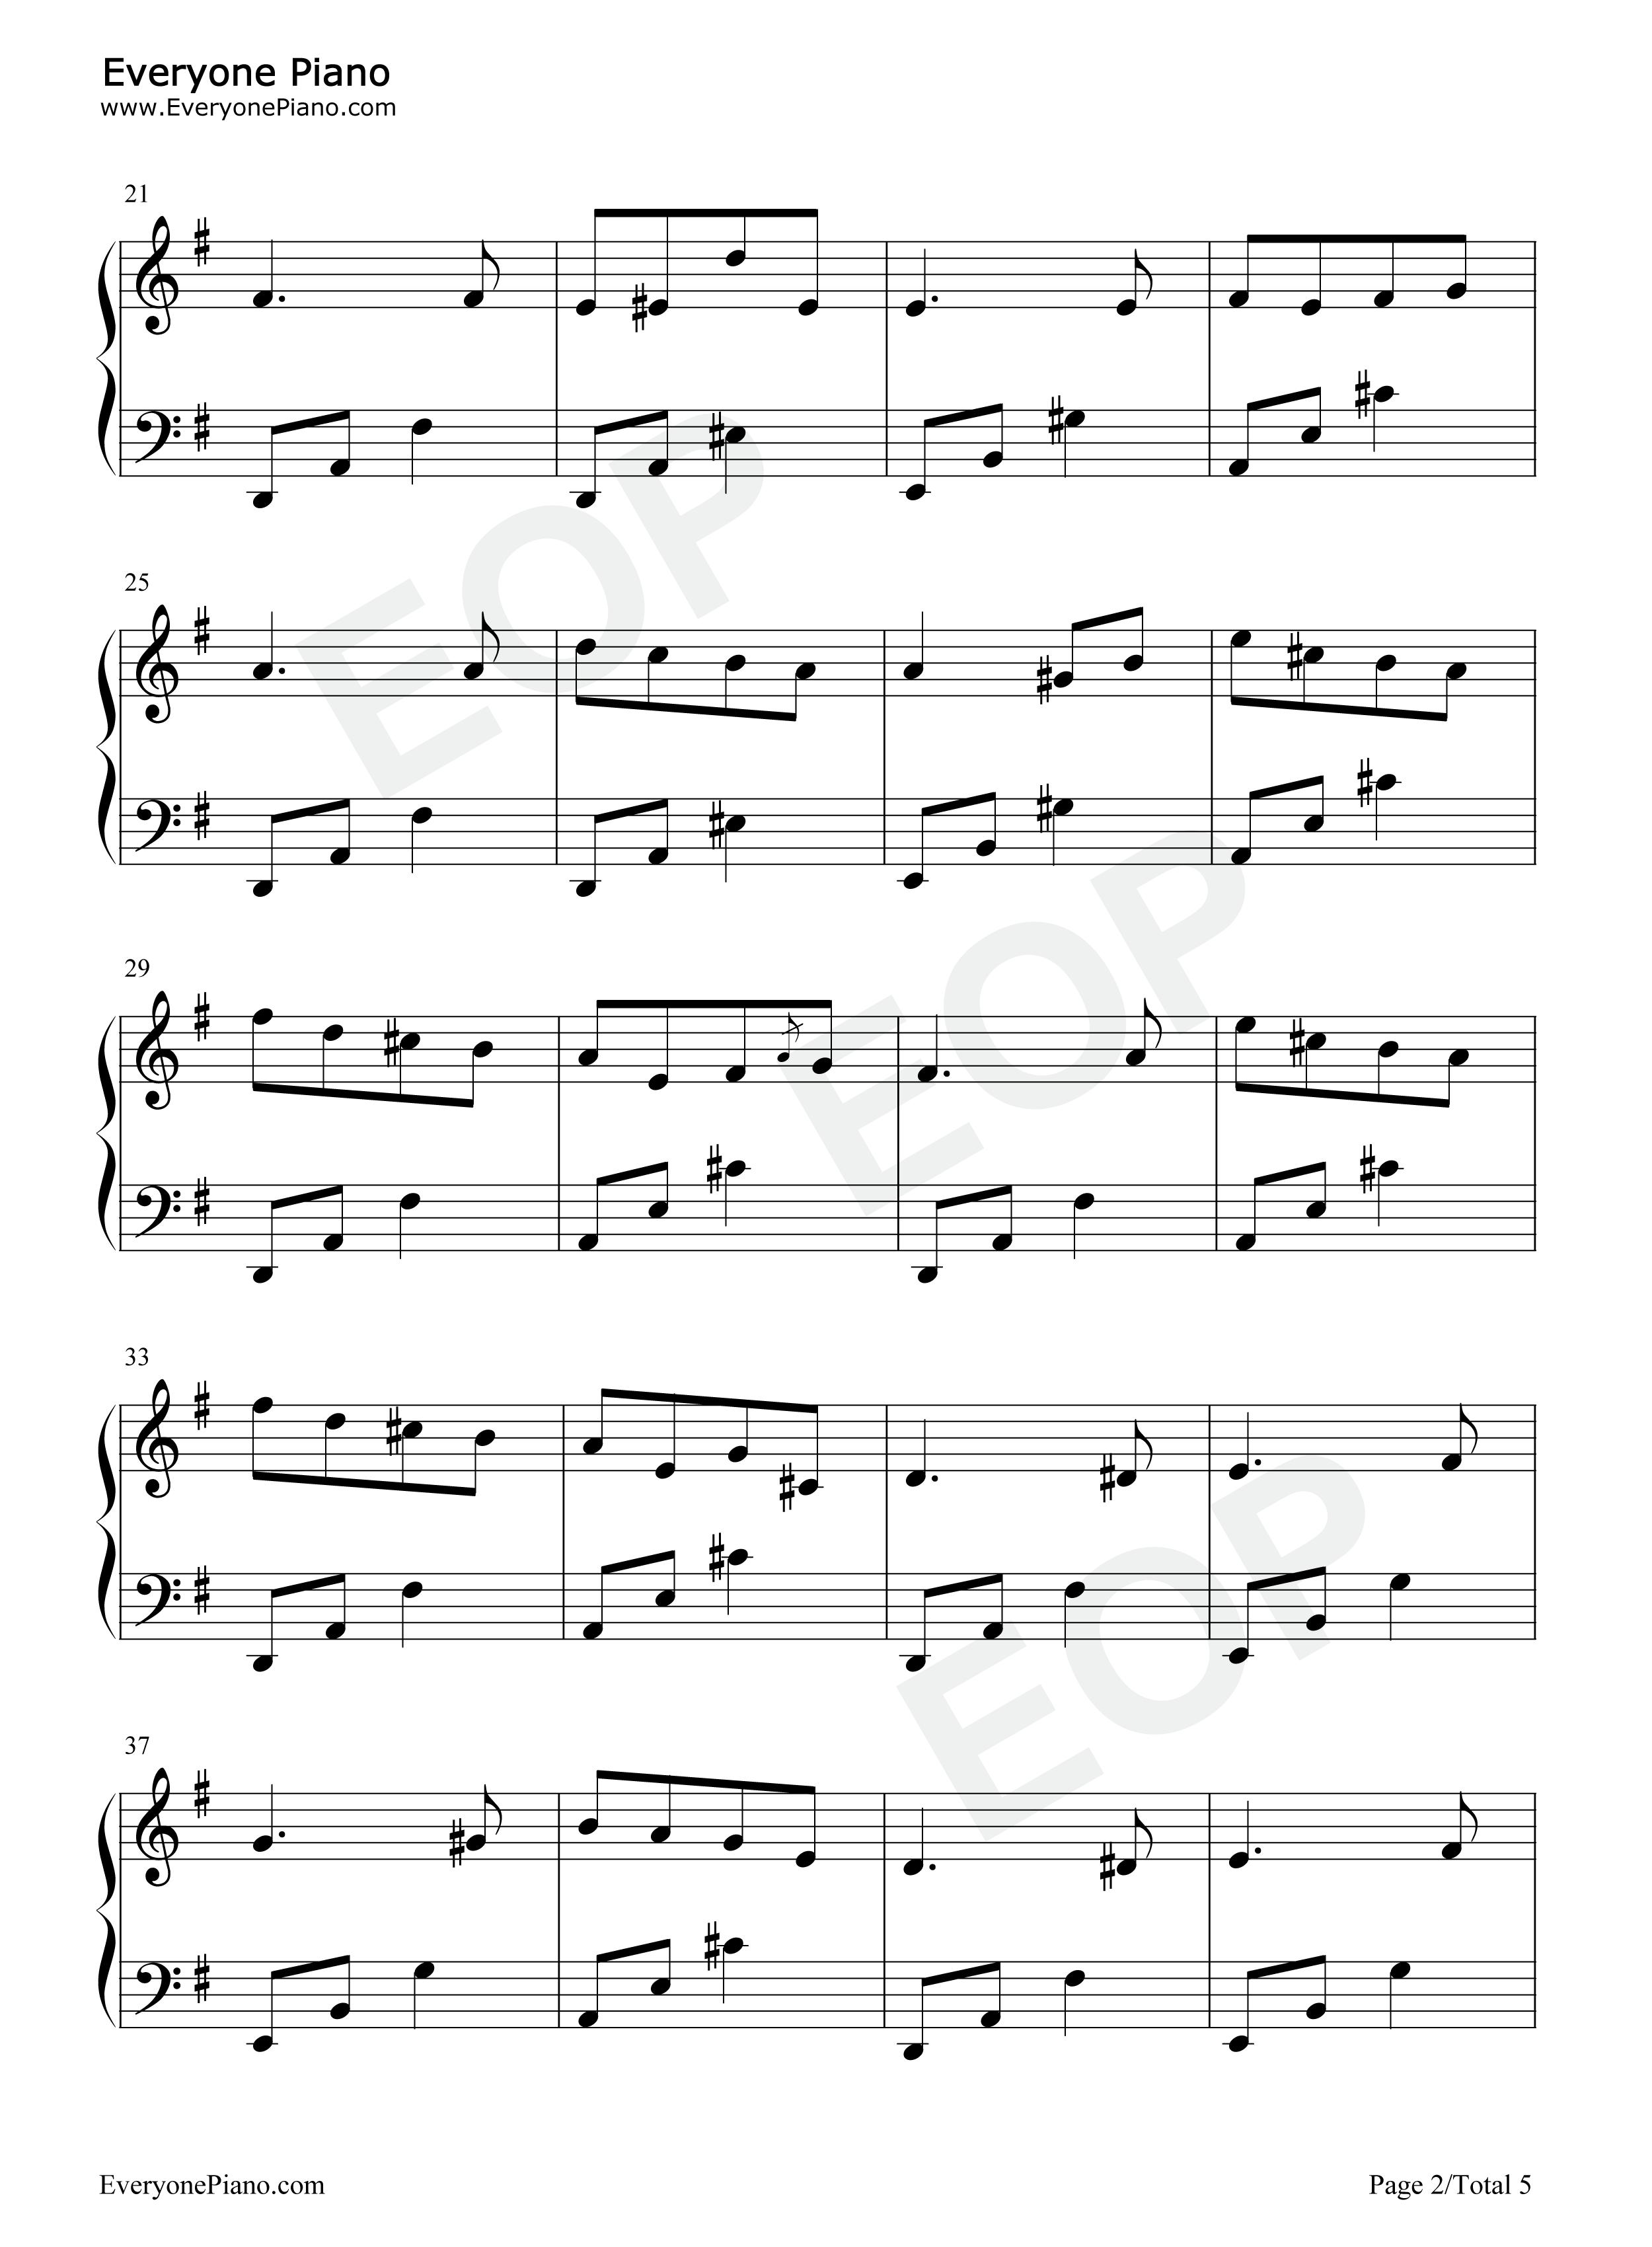 钢琴曲谱 练习曲 春之歌-门德尔松 春之歌-门德尔松五线谱预览2图片